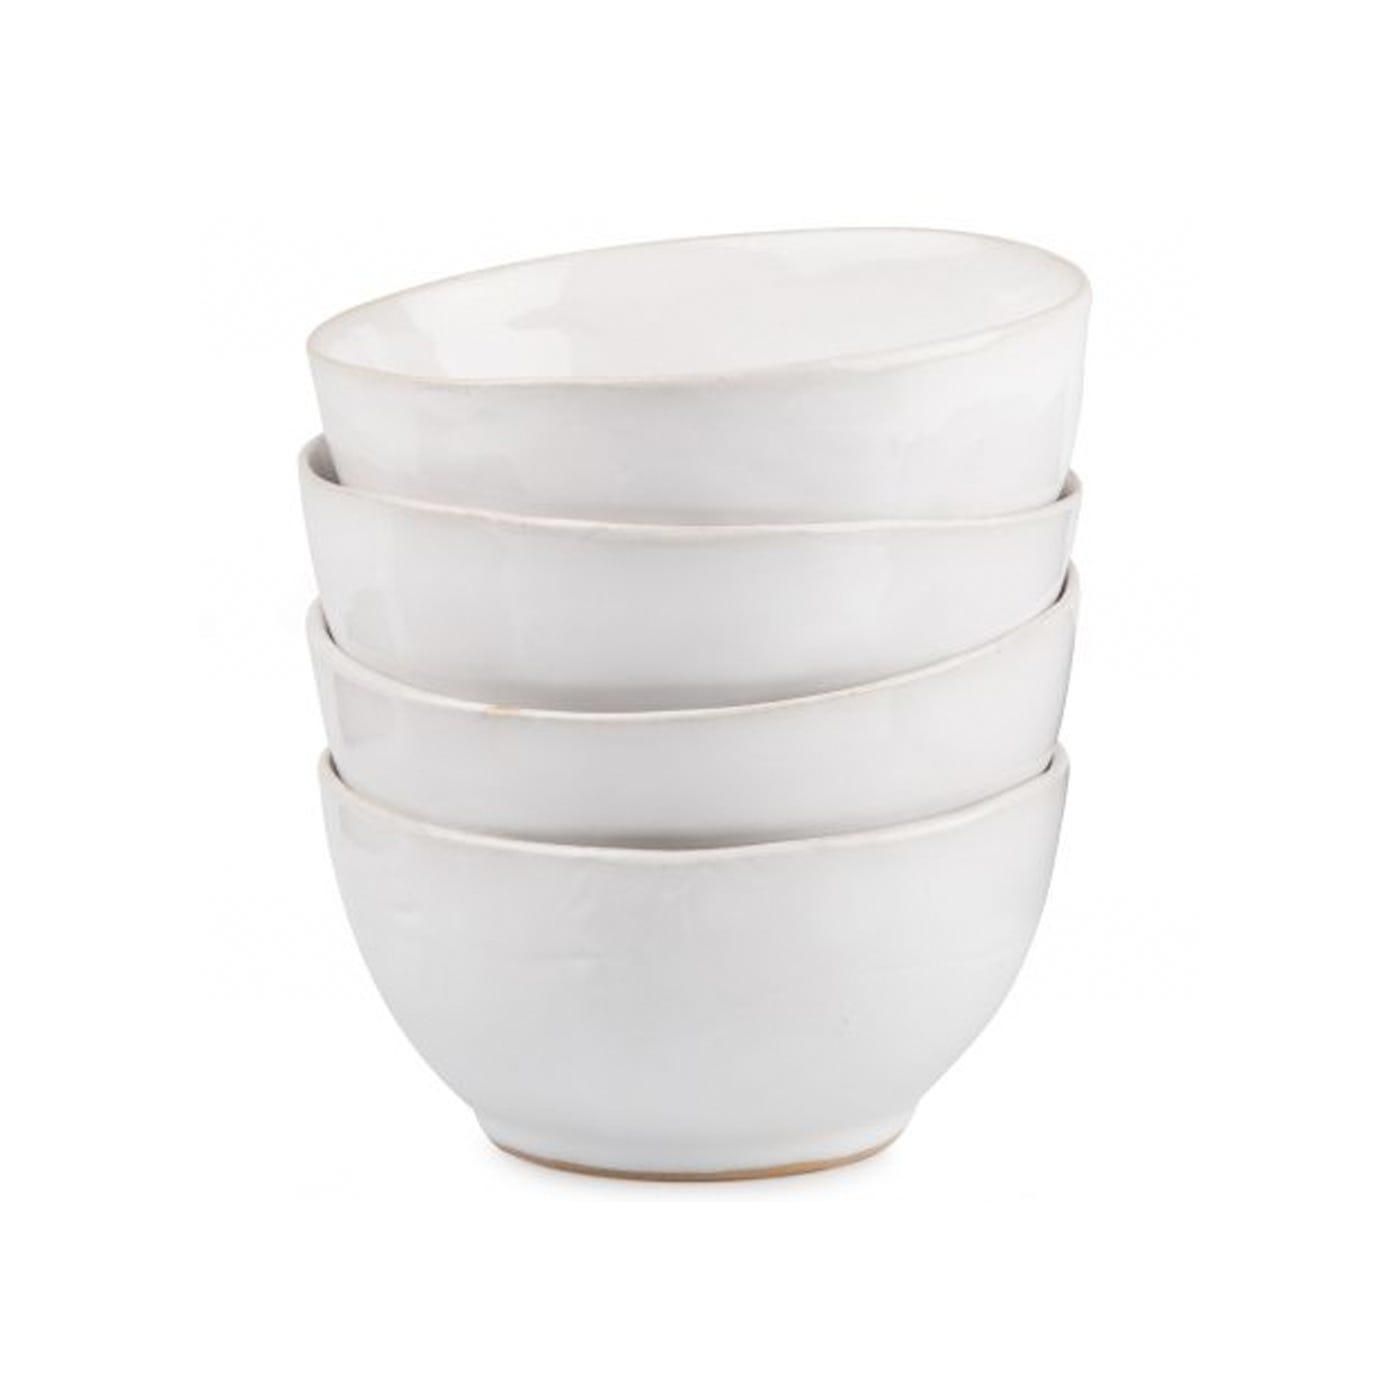 Tiny Round Bowl White